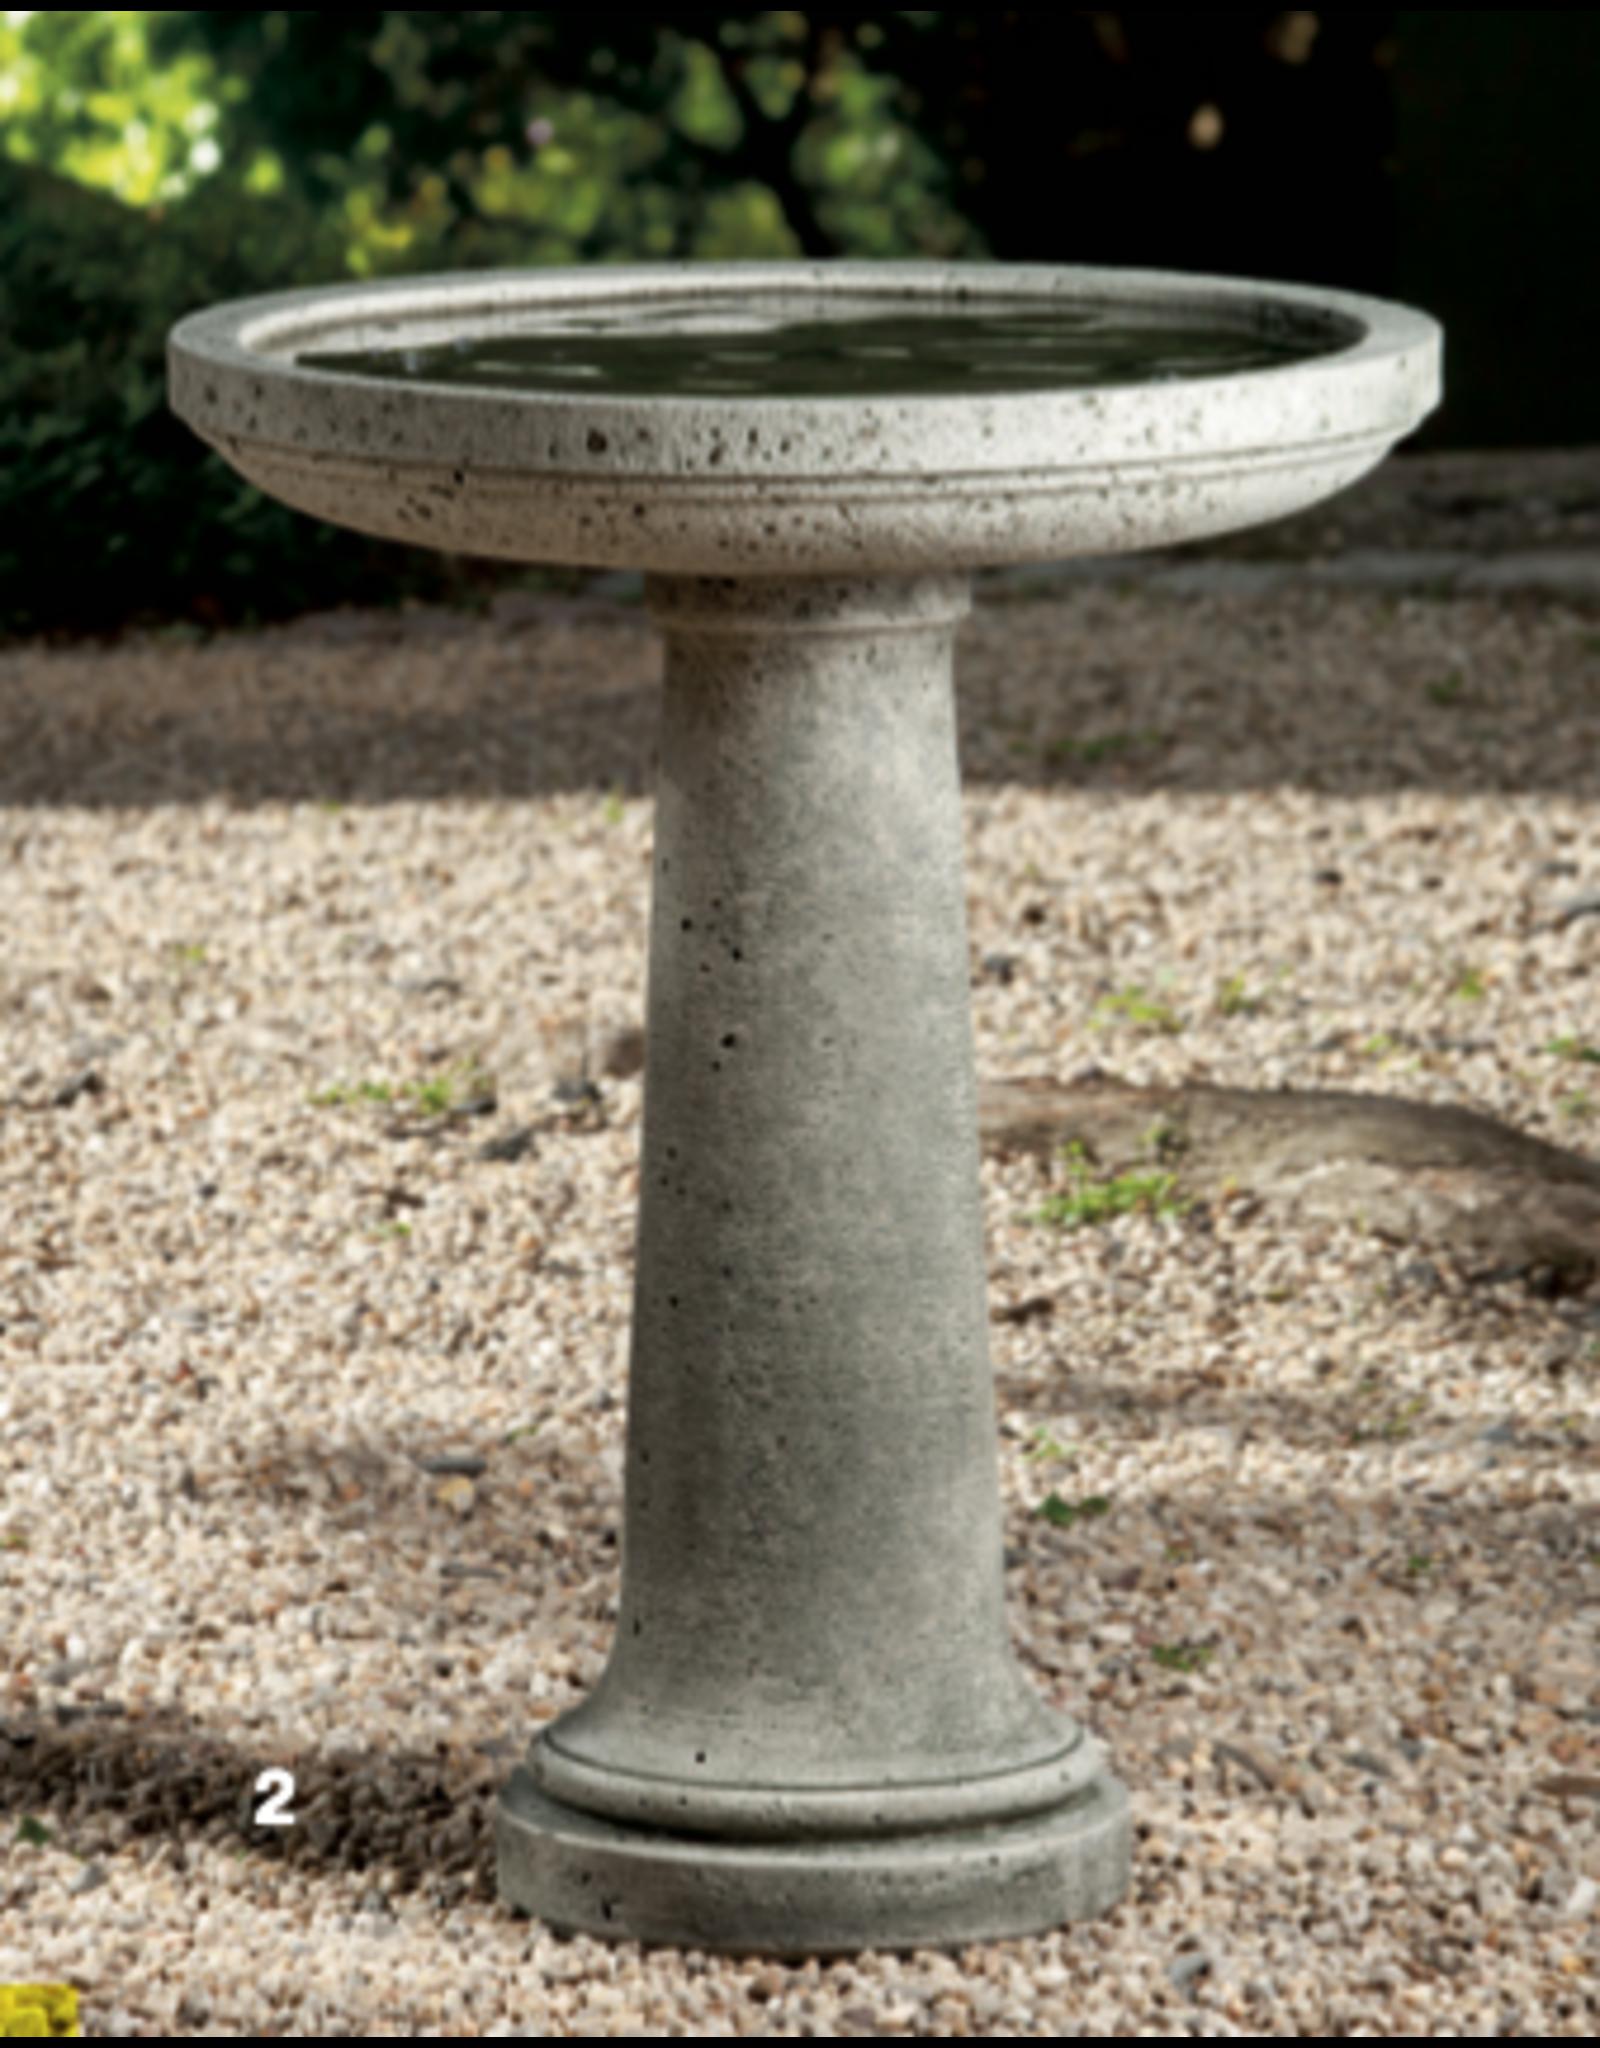 Campania CIB146 Cast Stone Isleboro Birdbath in Natural